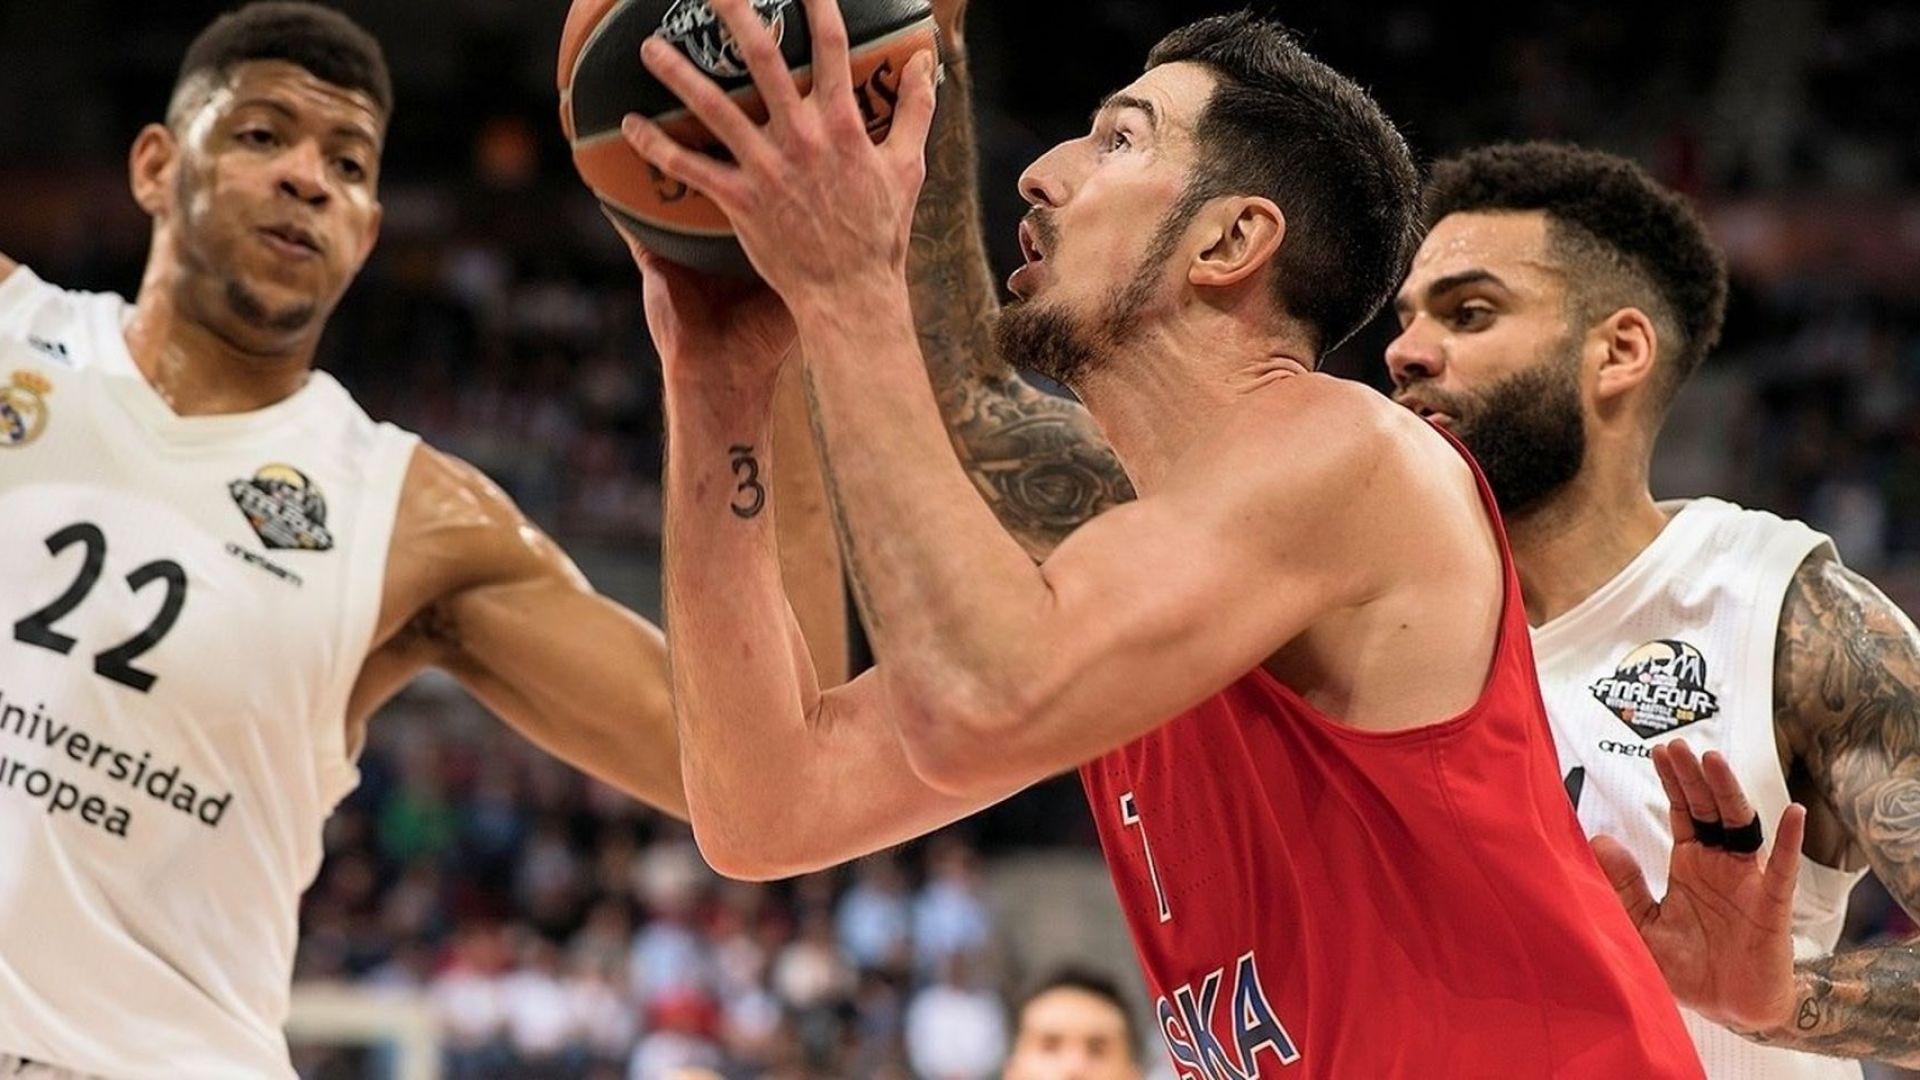 ЦСКА удари Реал Мадрид, Европа ще има нов баскетболен крал